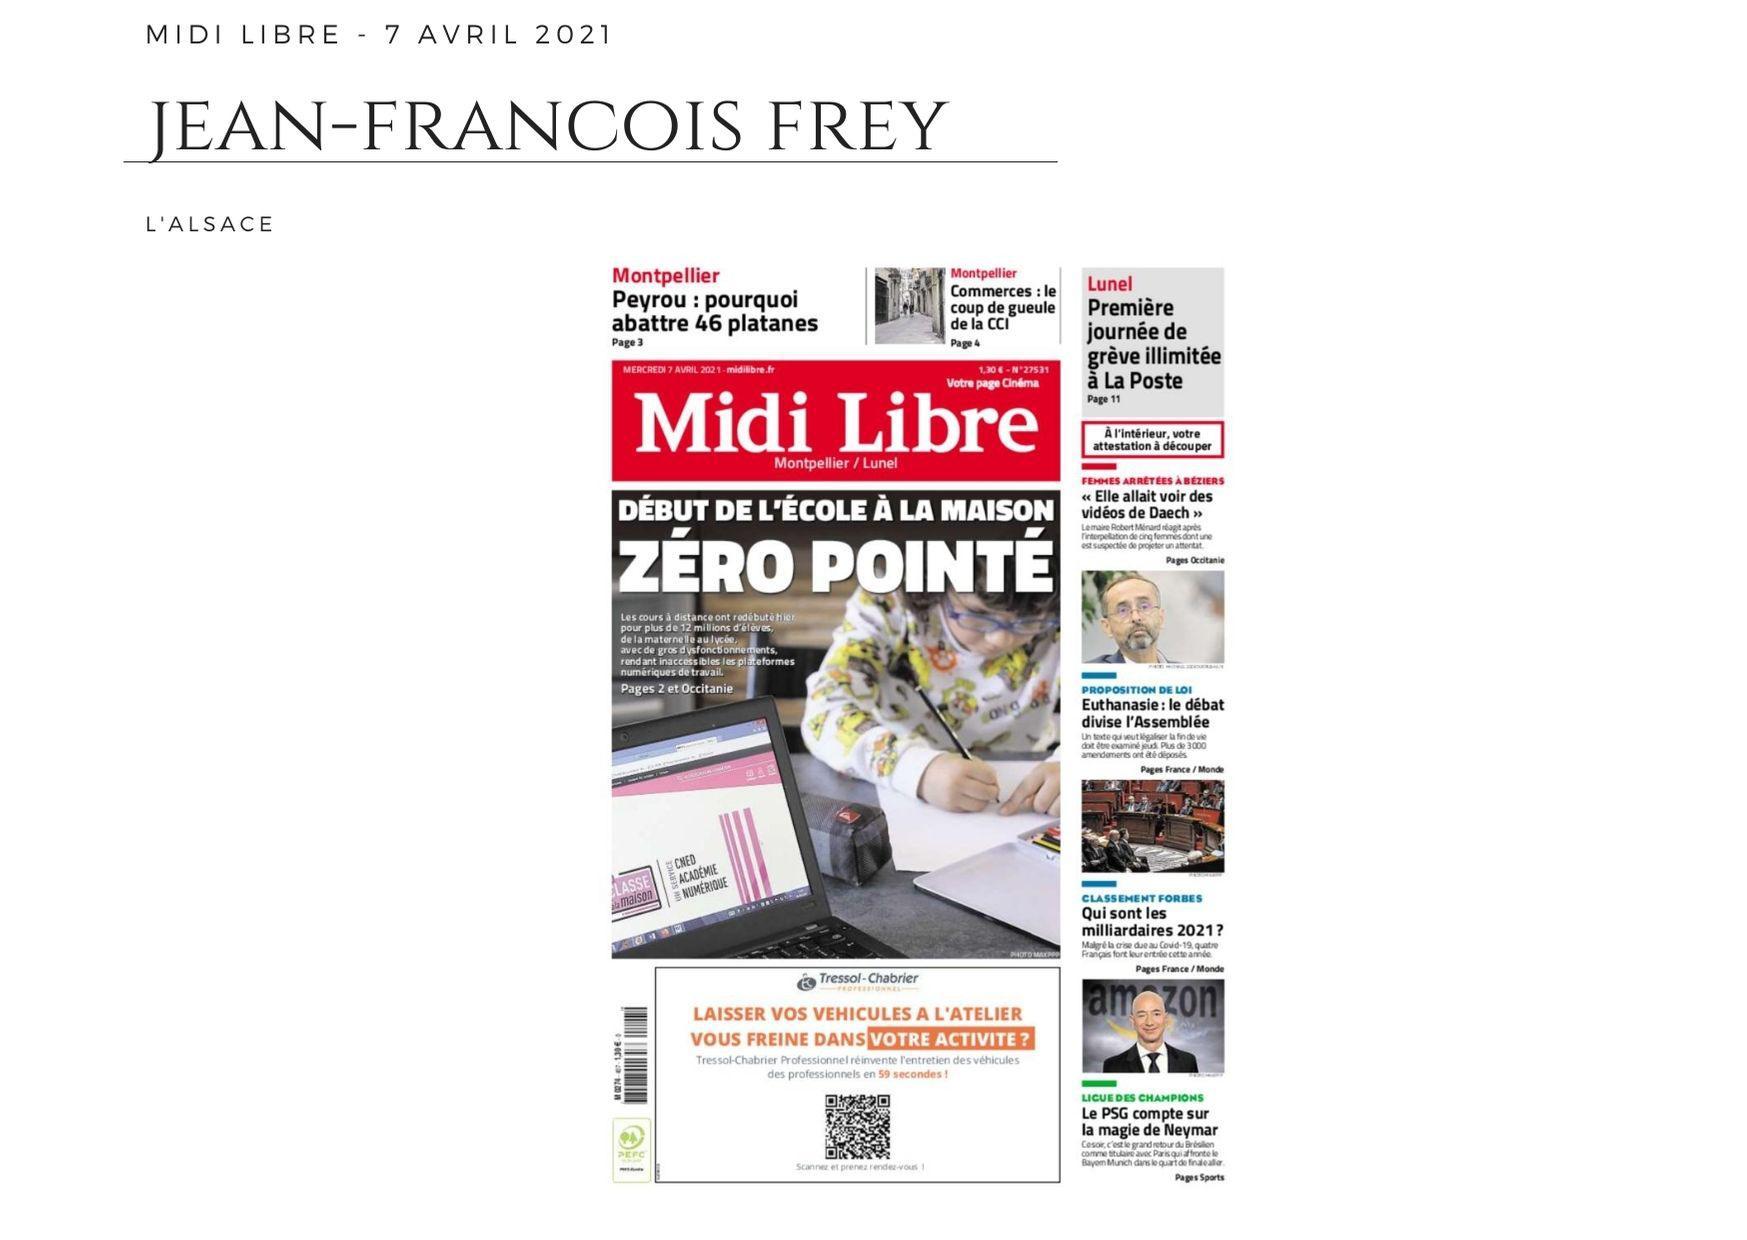 Midi Libre - 7 avril 2021